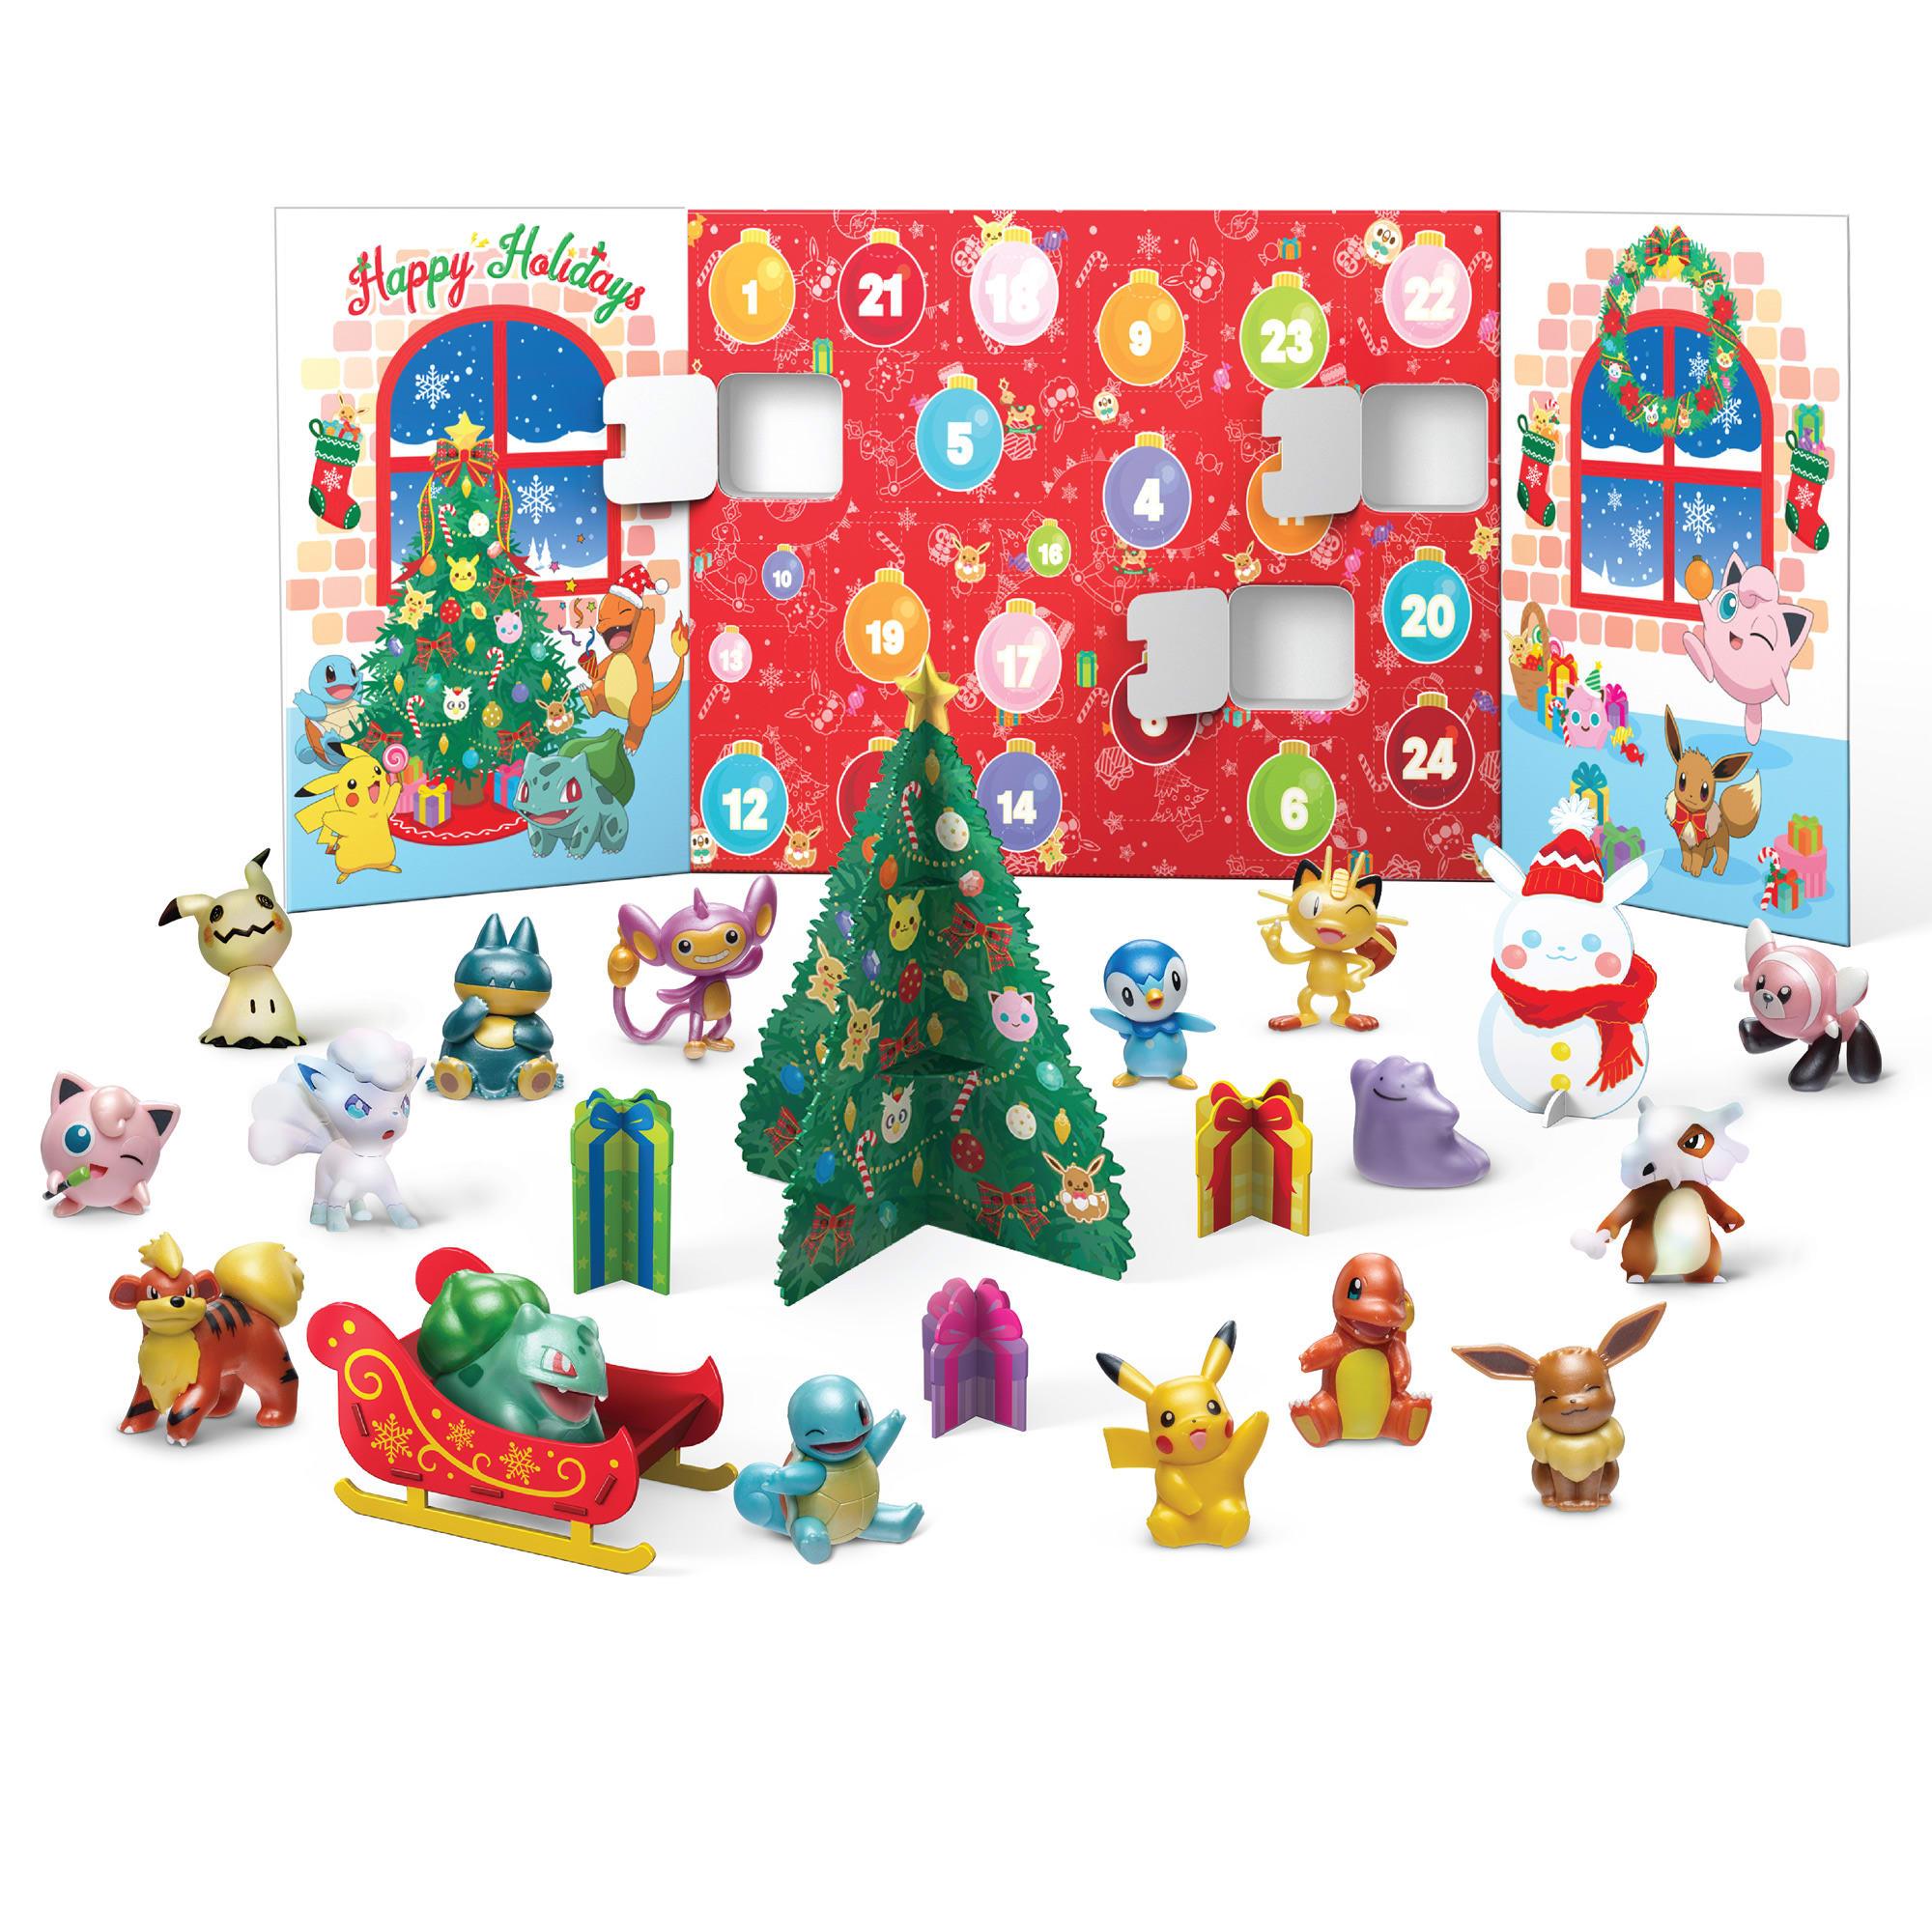 Pokemon Joulukalenteri